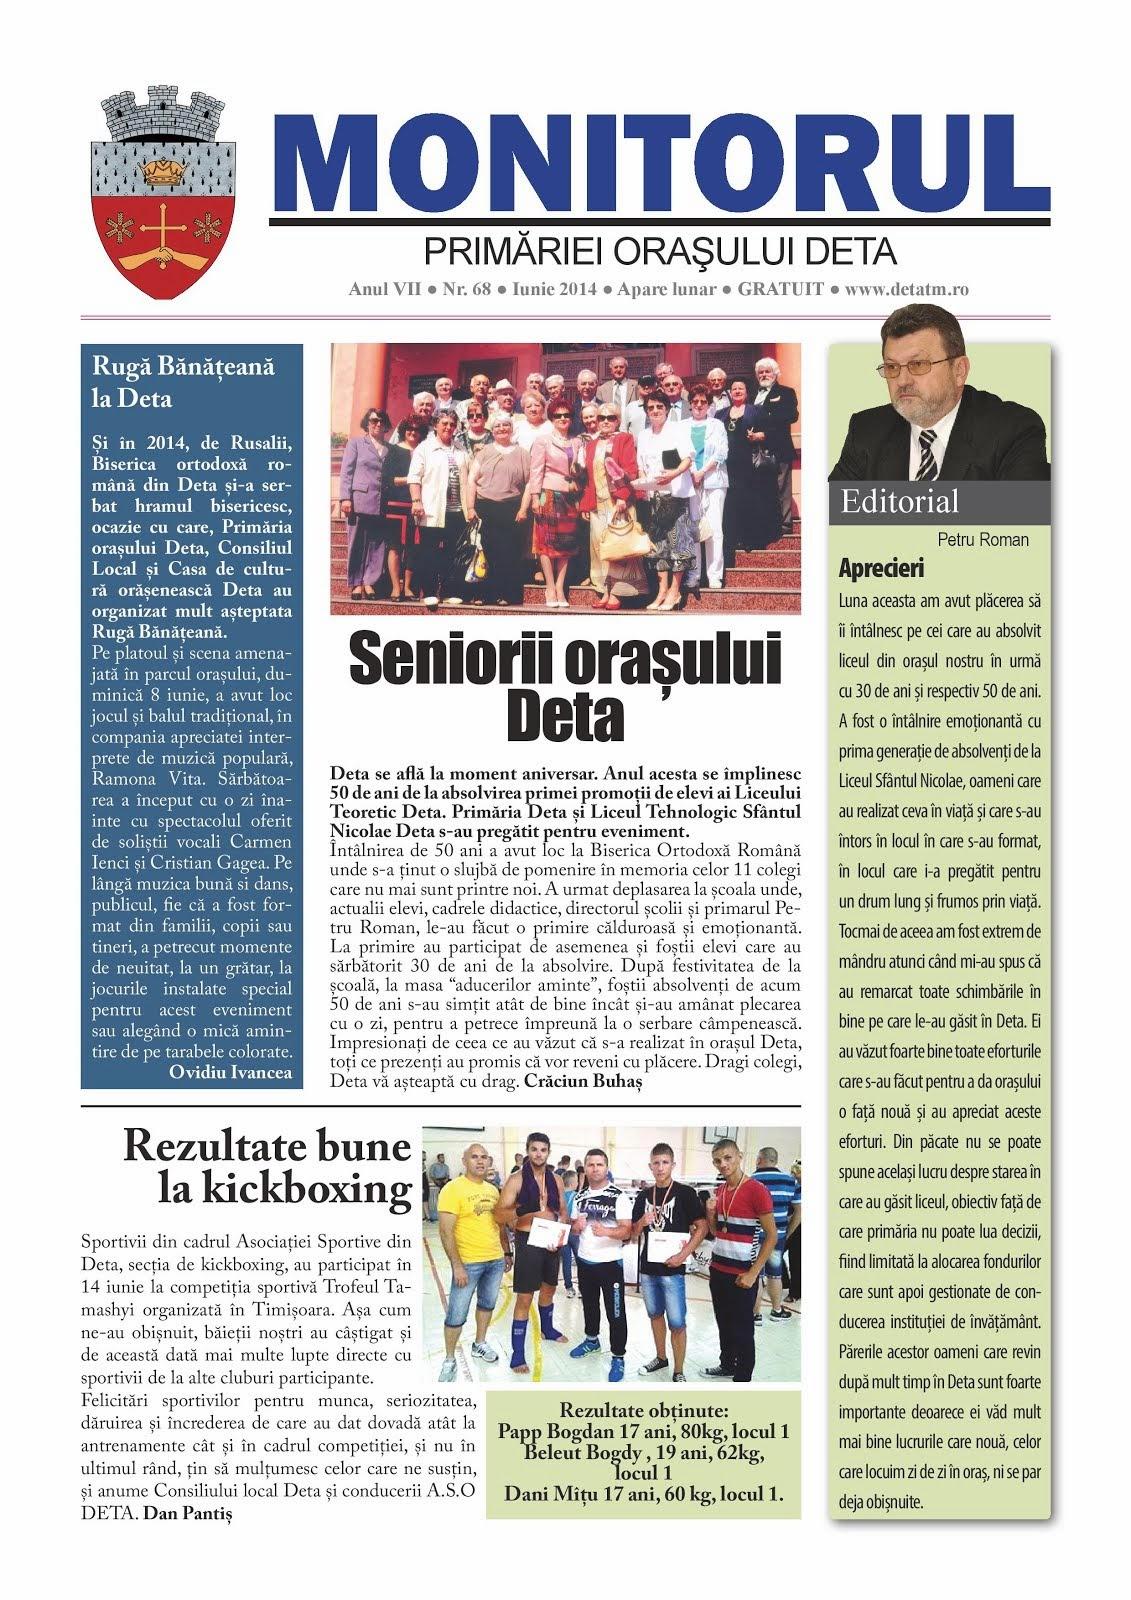 Monitorul - iunie 2014